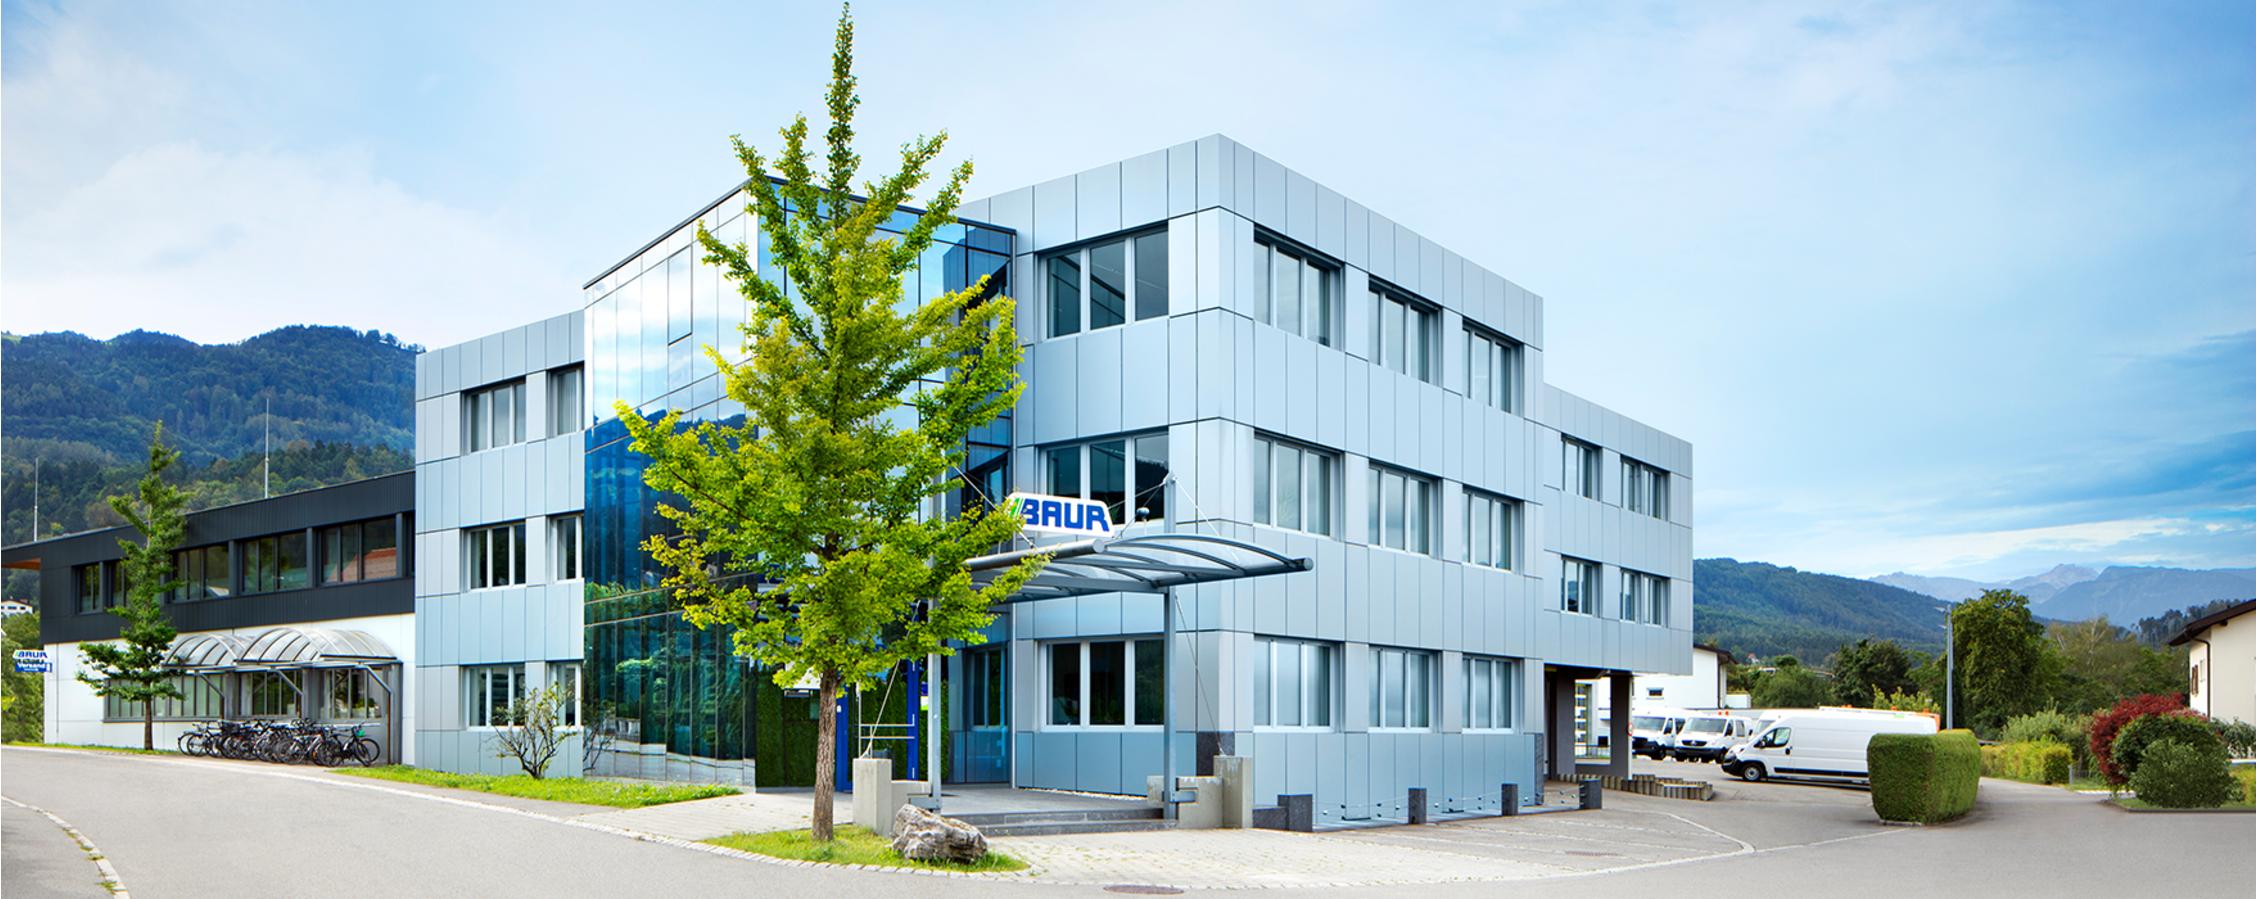 Karriere: Headquarter Sulz | BAUR GmbH